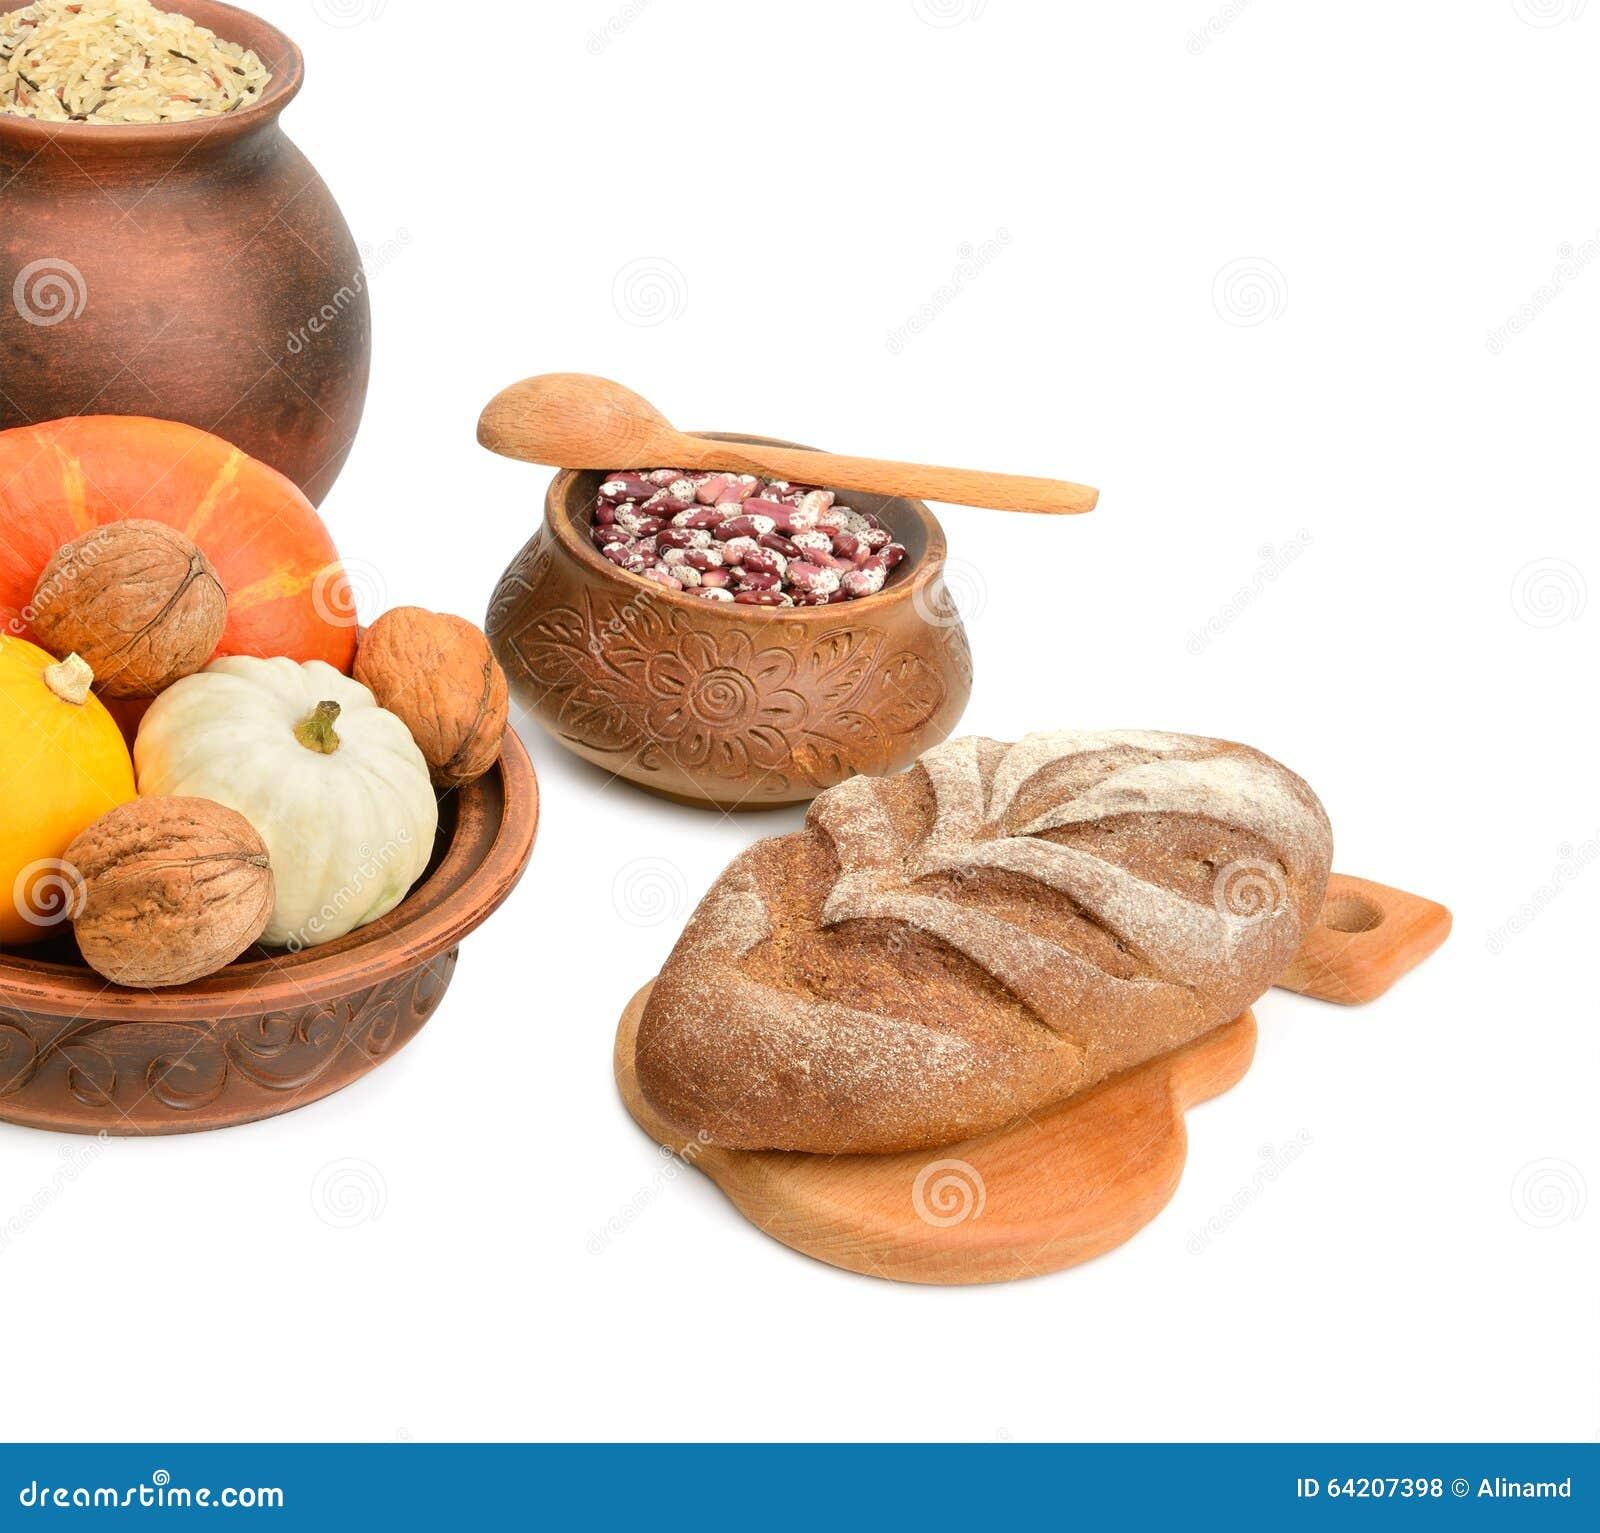 Comida en un pote de cerámica